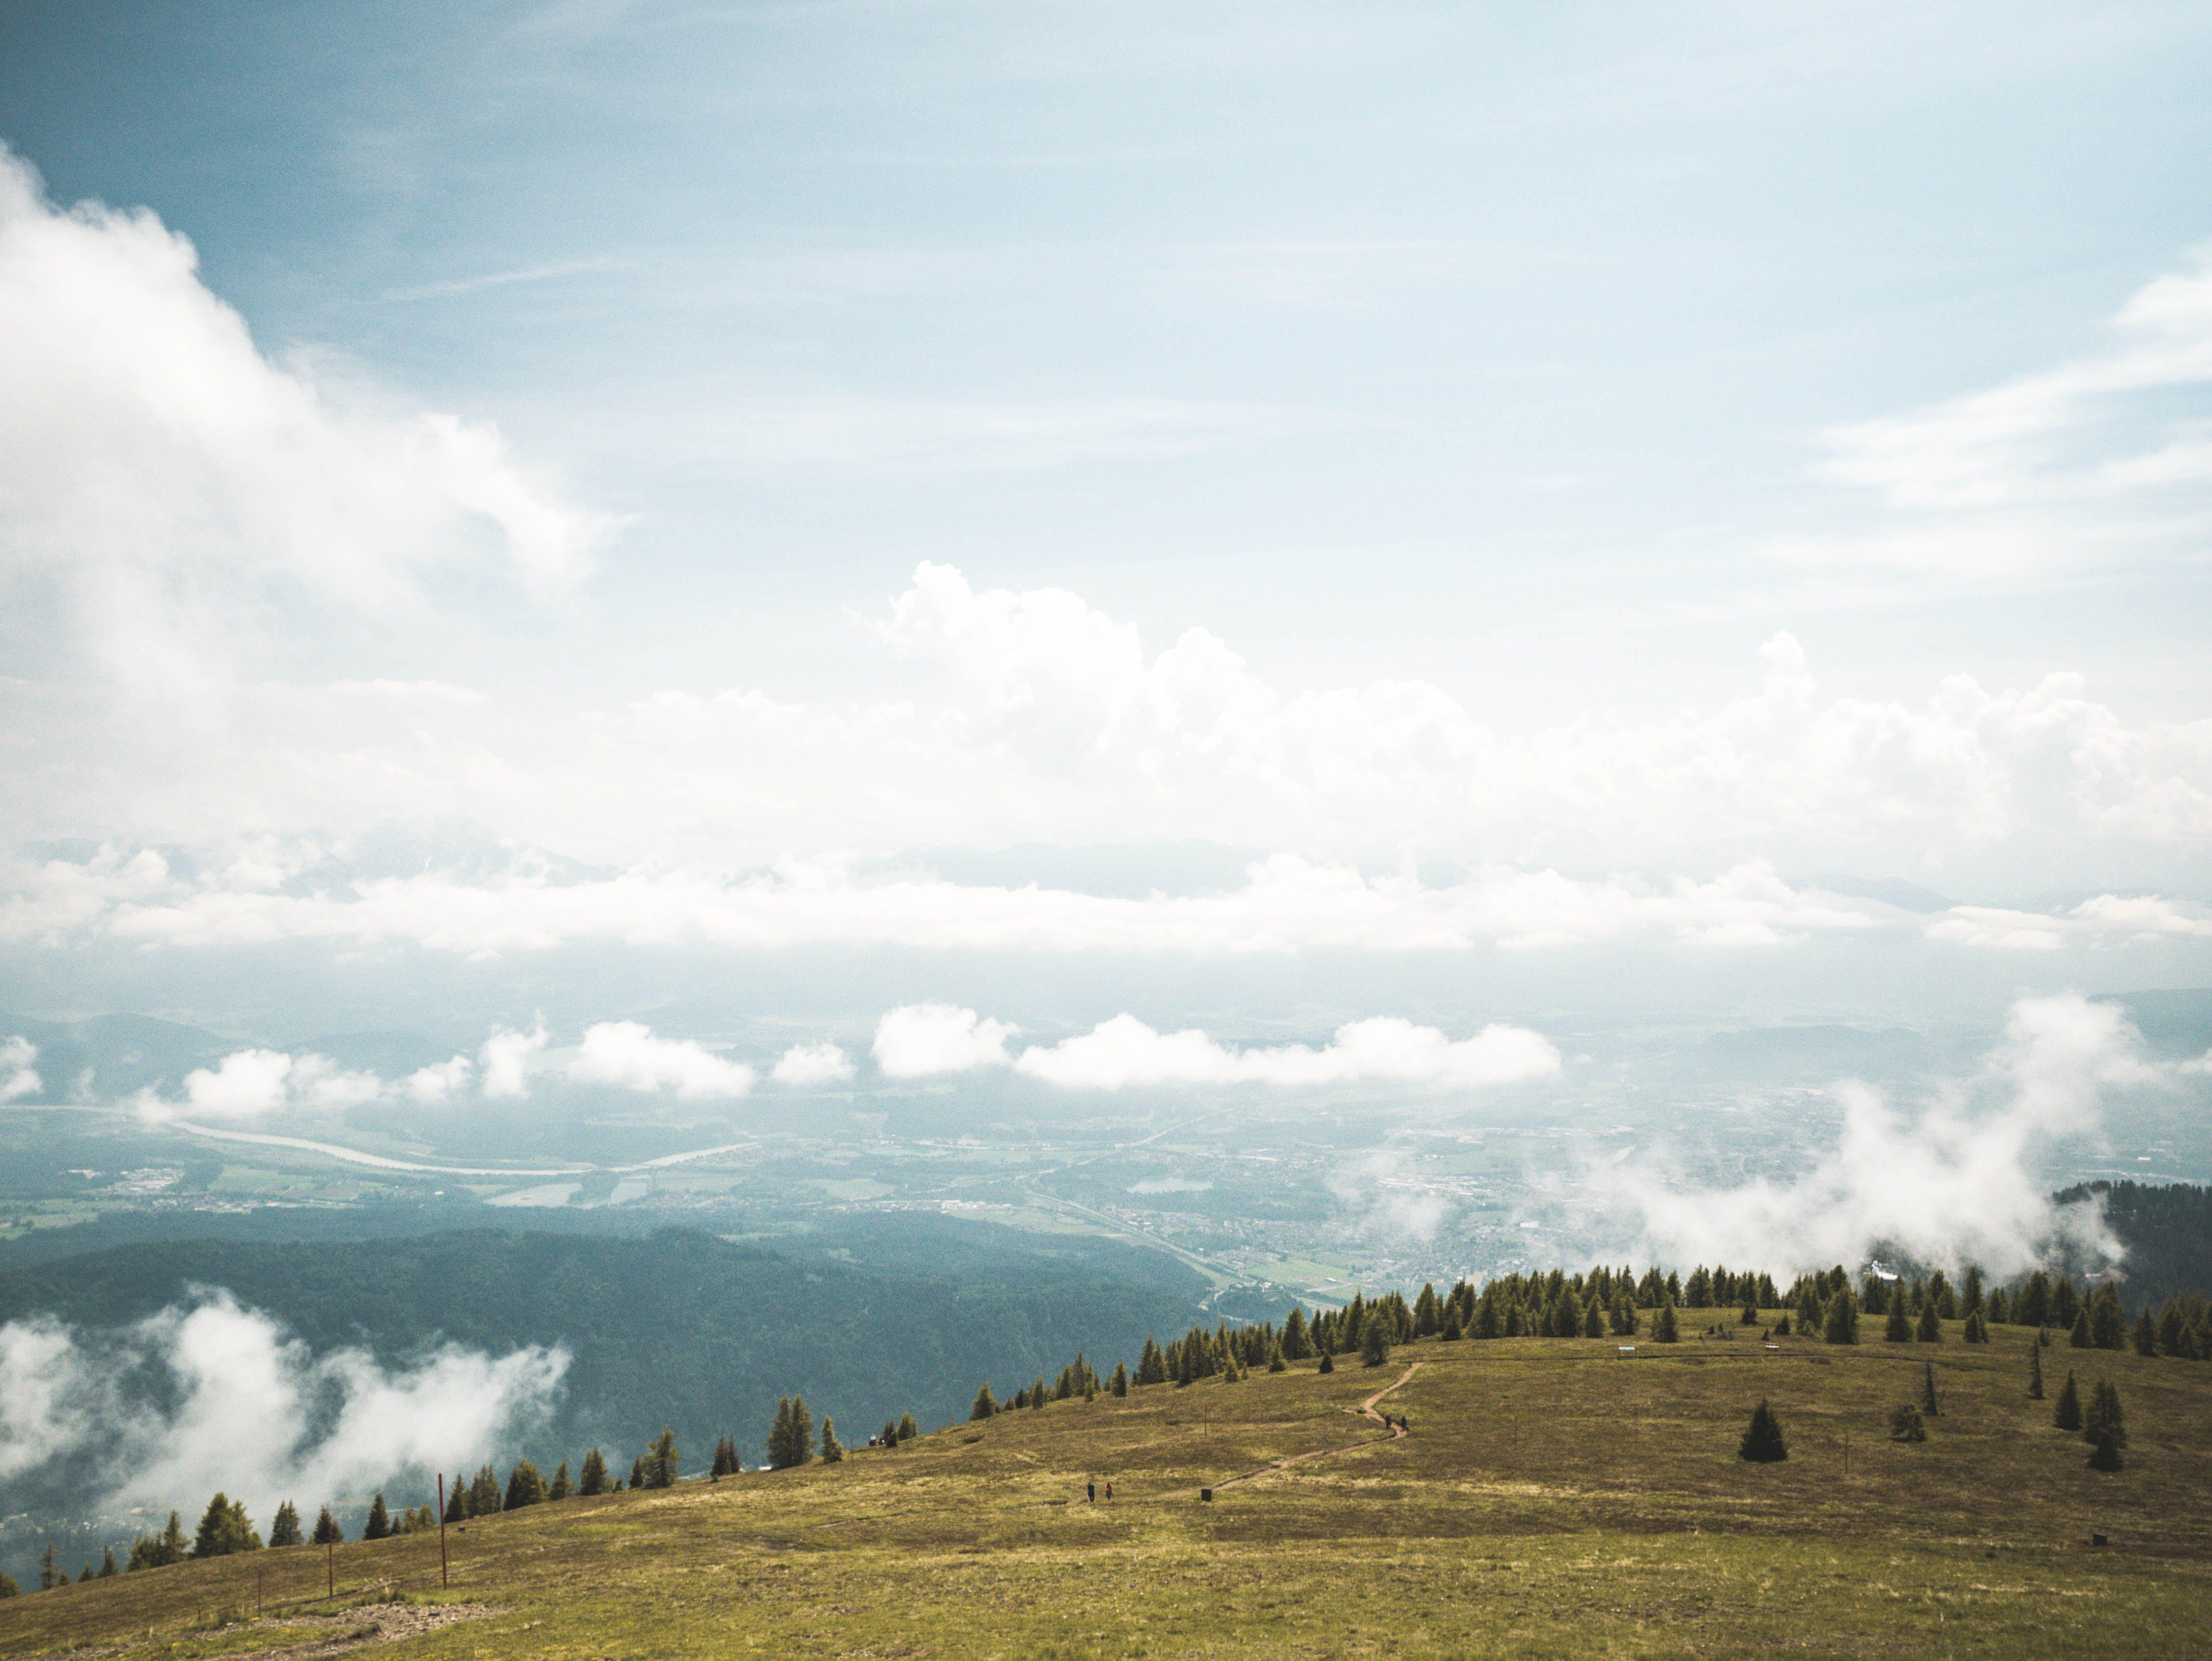 Kostenloses Stock Foto zu holz, landschaft, berge, wolken